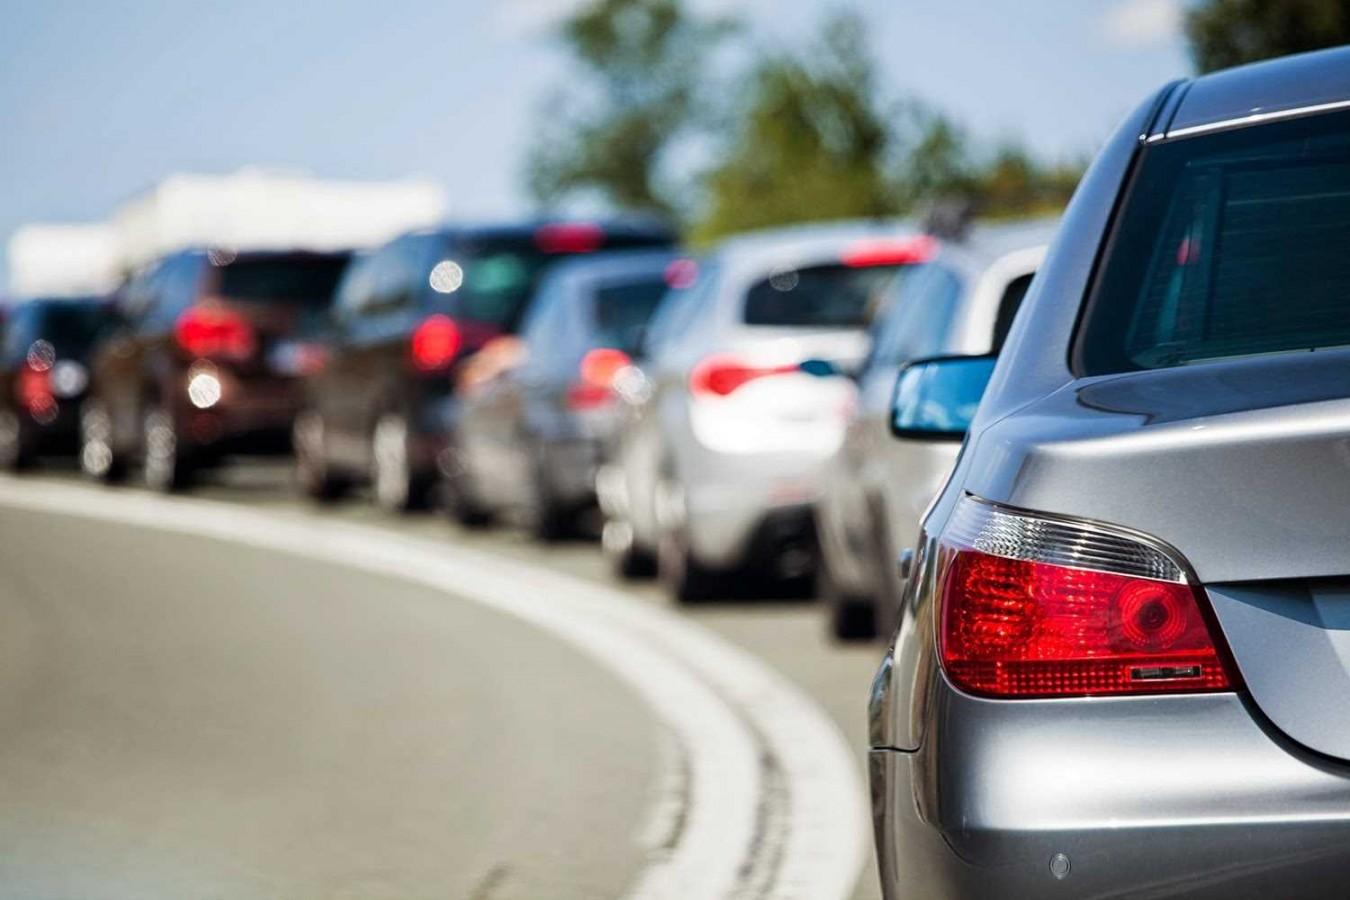 Ticaret Bakanlığı, düşmeyen sıfır araçlarla ilgili harekete geçti